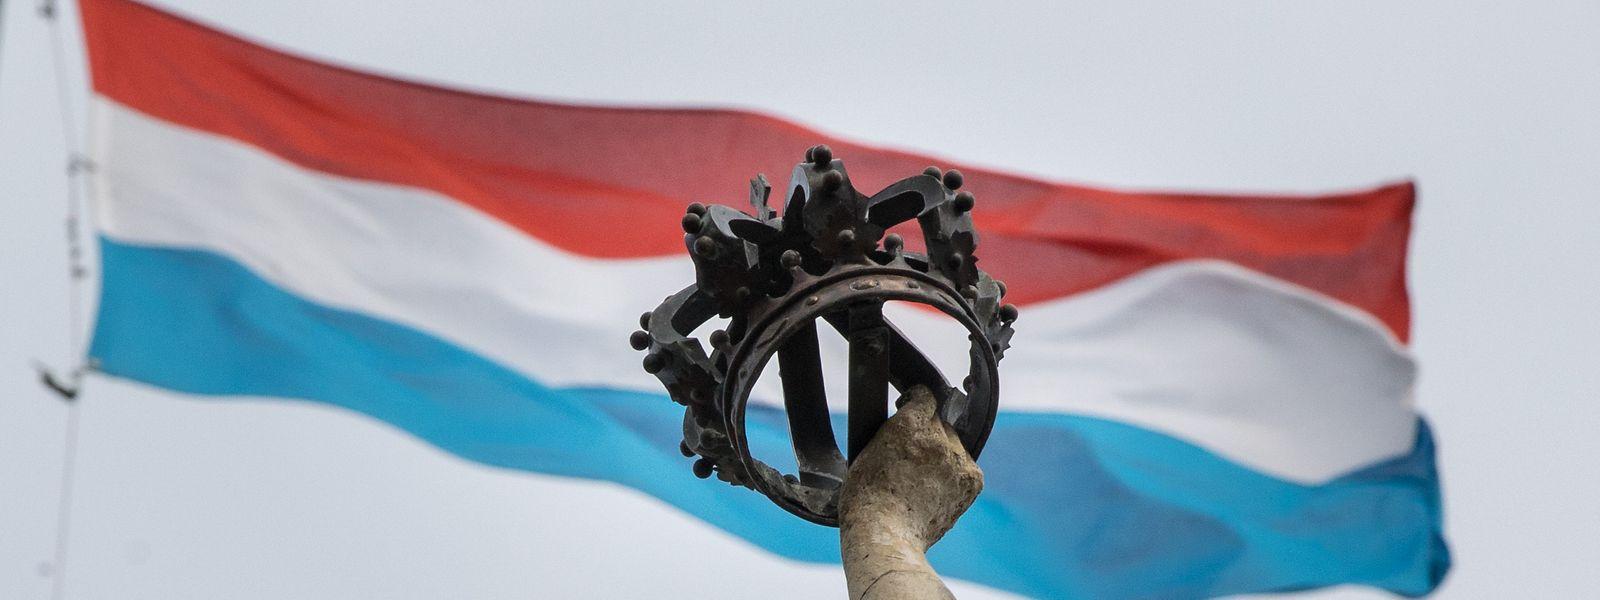 Die Monarchie soll gestärkt aus der Krise hervorgehen, betonte Premier Xavier Bettel (DP) am Dienstag nach der Sitzung des Institutionenausschusses.